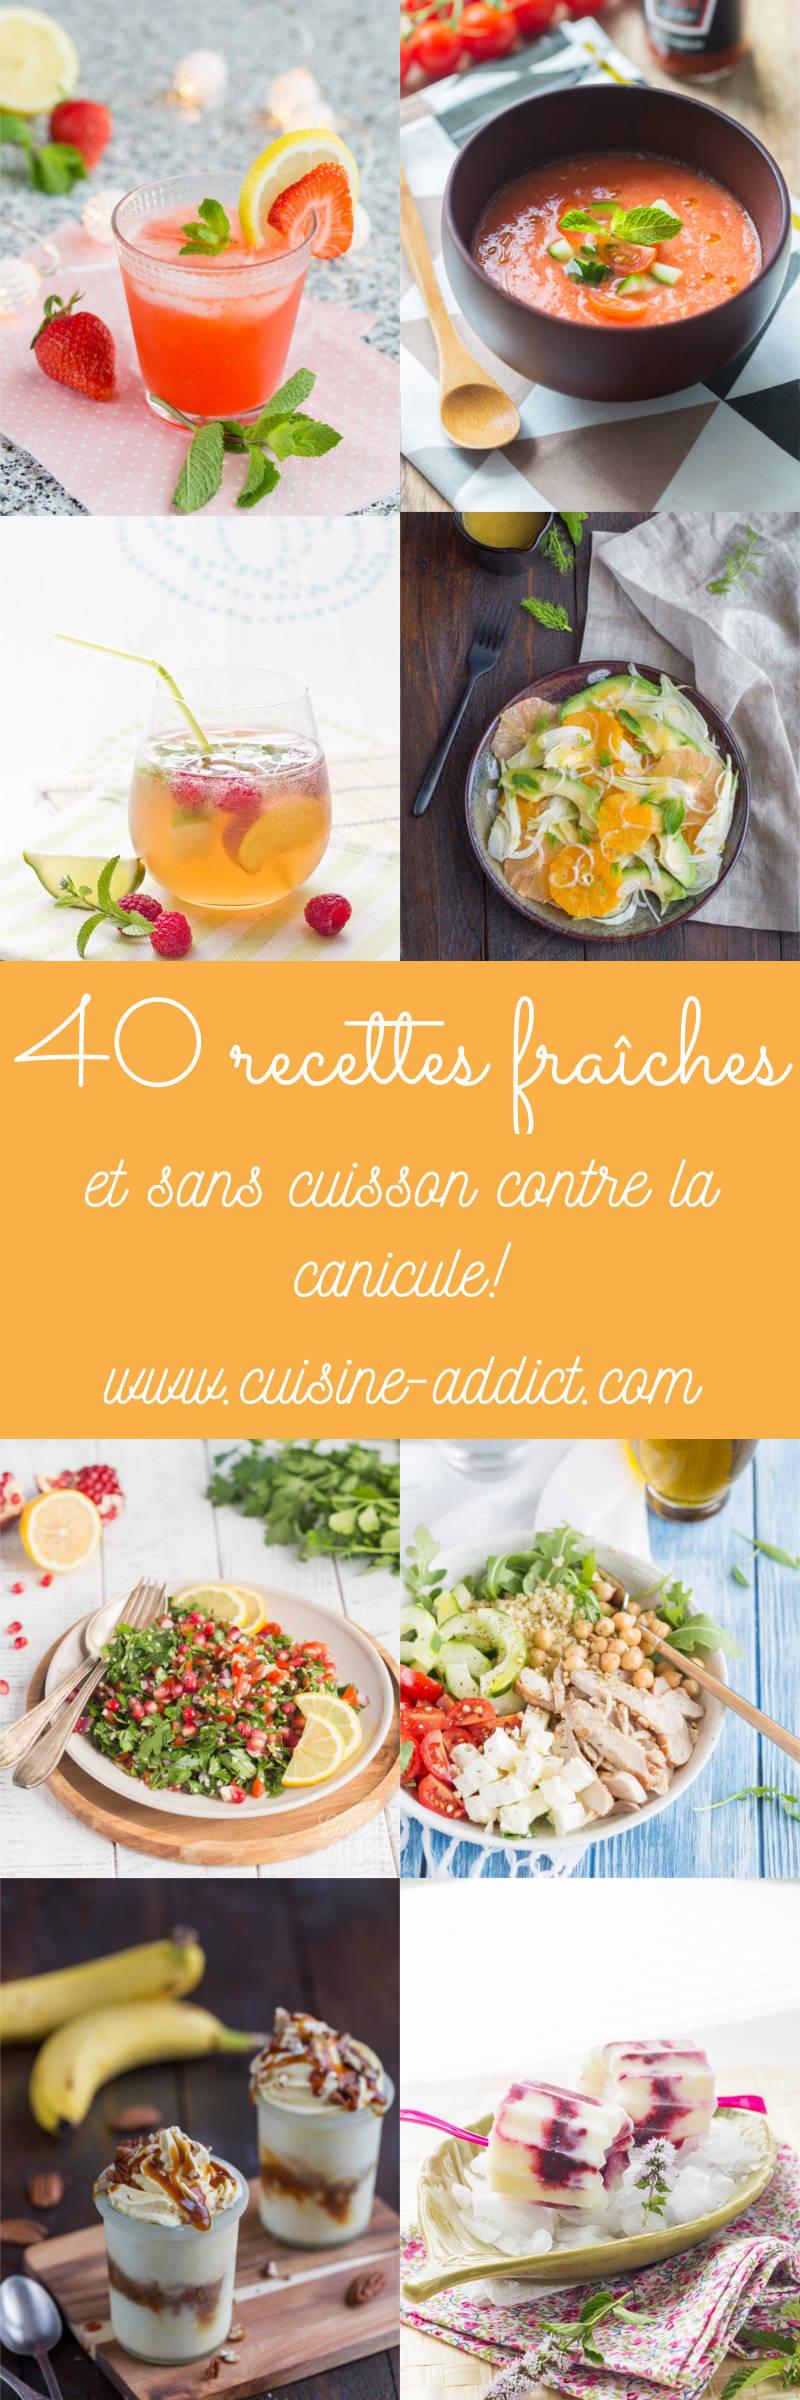 40 recettes sans cuisson pour se rafraîchir (idées recette pour la canicule)